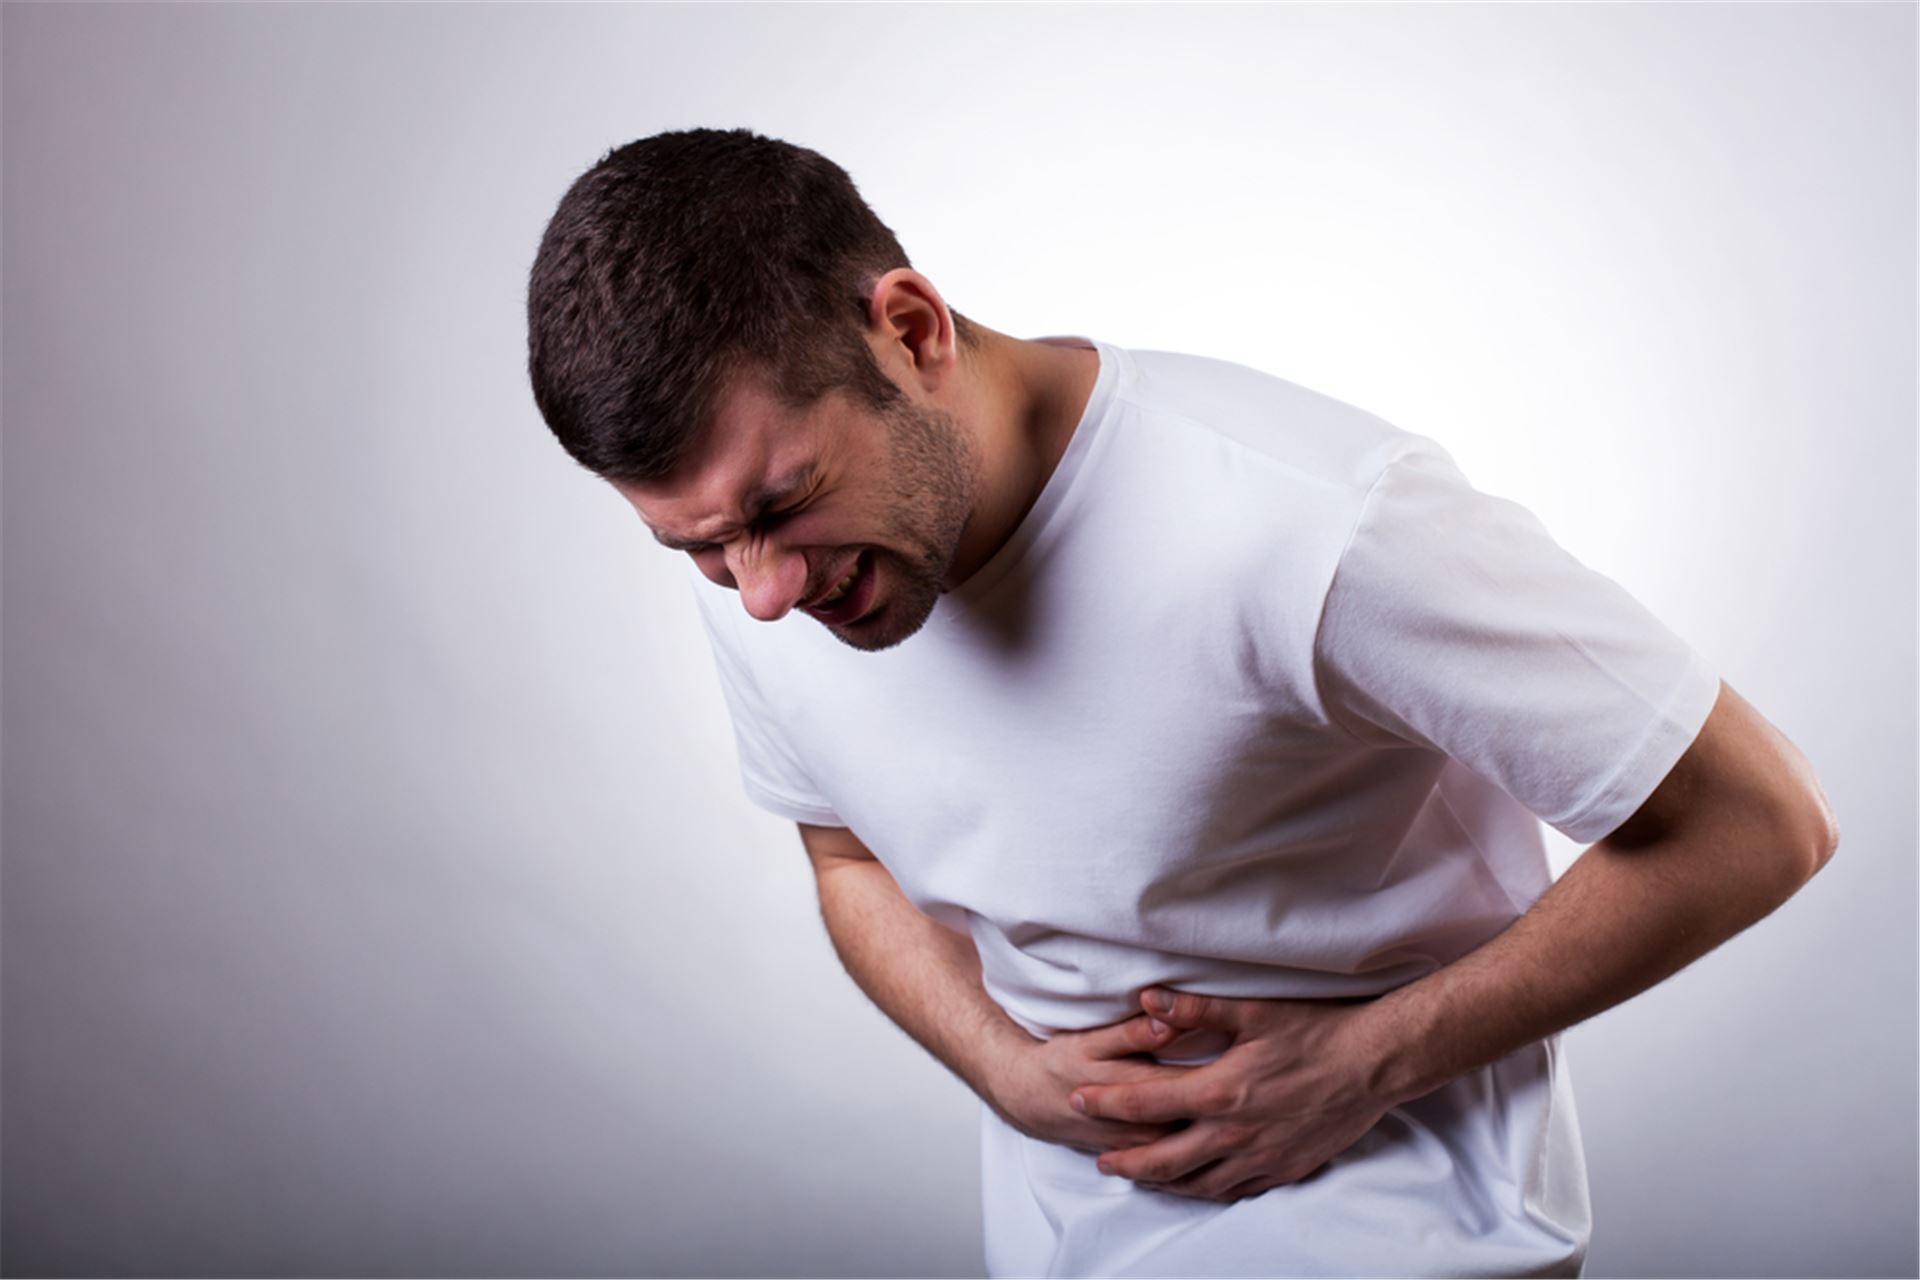 علائم گوارشی در مبتلایان به کرونا رو به افزایش است/دستهای آلوده شایع ترین روش انتقال کرونا